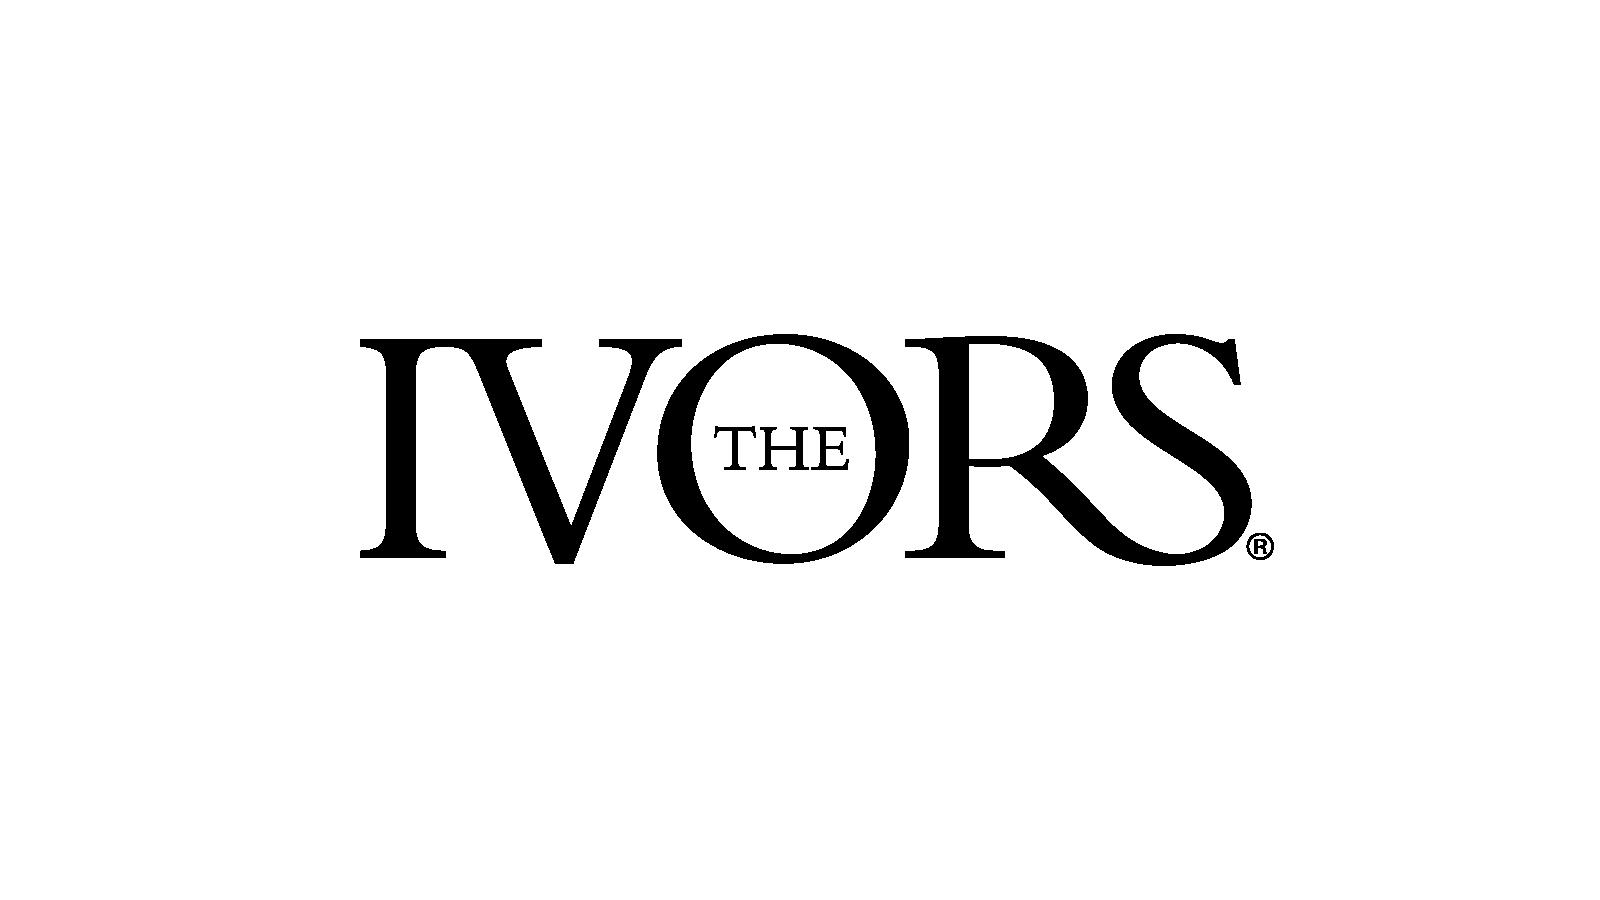 logo-design-music-song-writer-awards-typography-logotype